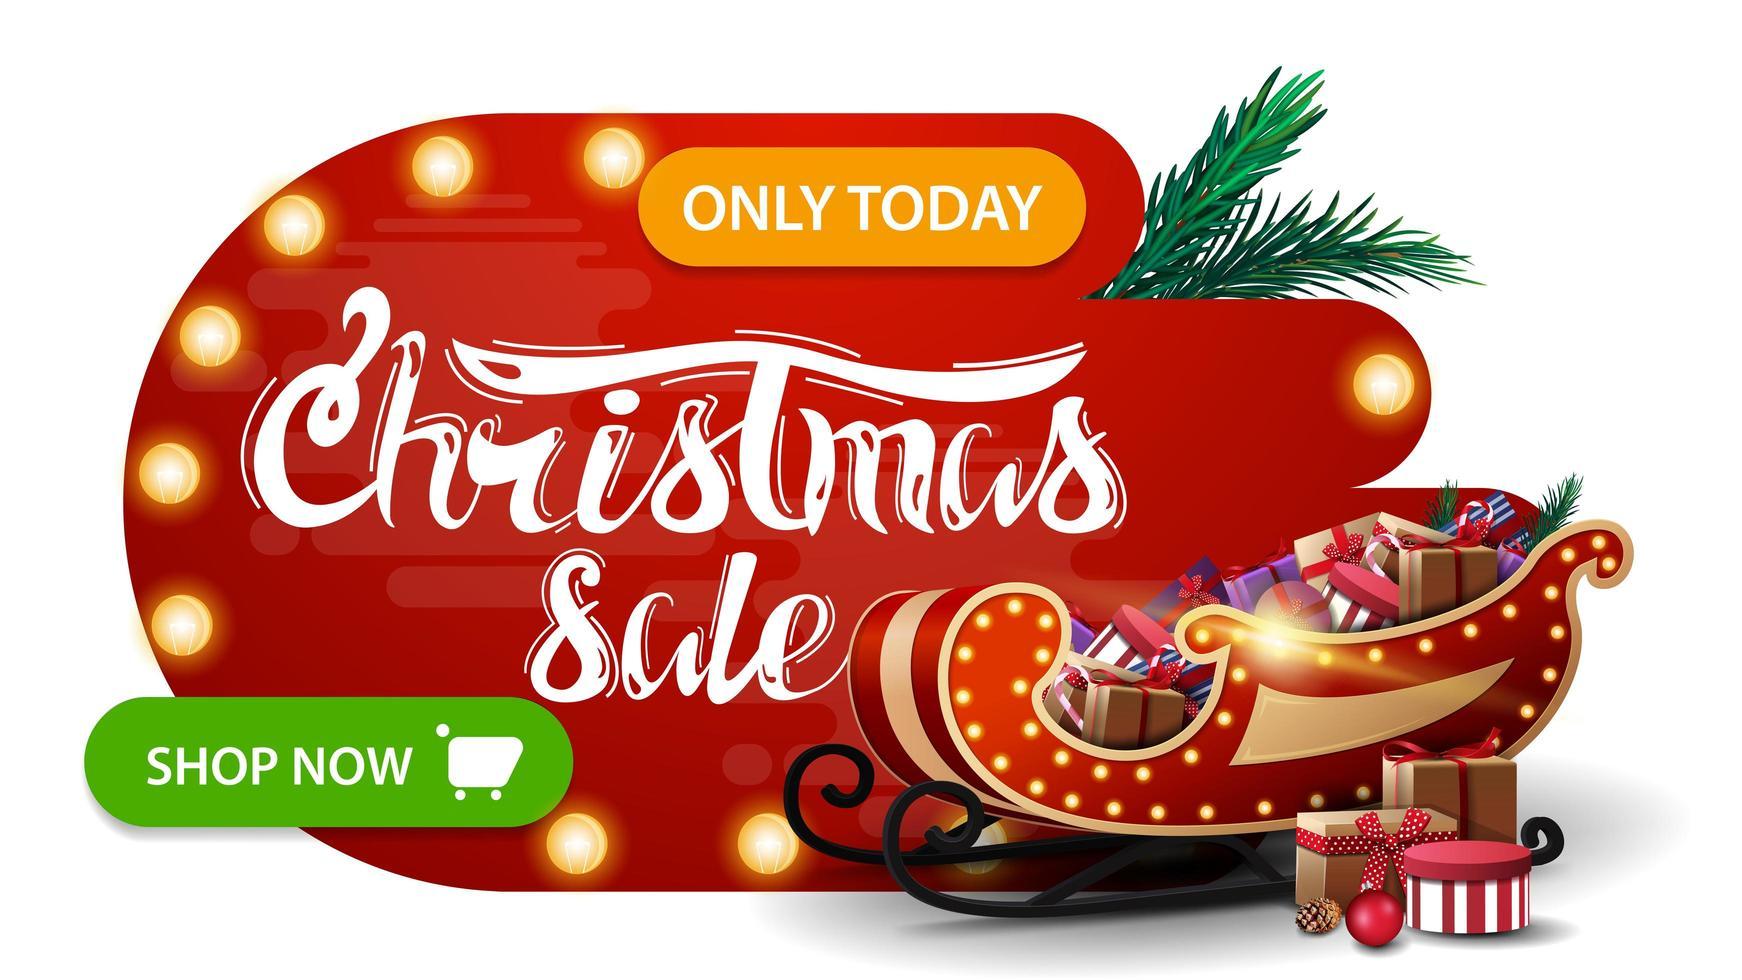 Weihnachtsverkauf, rotes Rabattbanner in abstrakten flüssigen Formen mit Glühbirnen, grünem Knopf, schönem Schriftzug und Weihnachtsschlitten mit Geschenken vektor